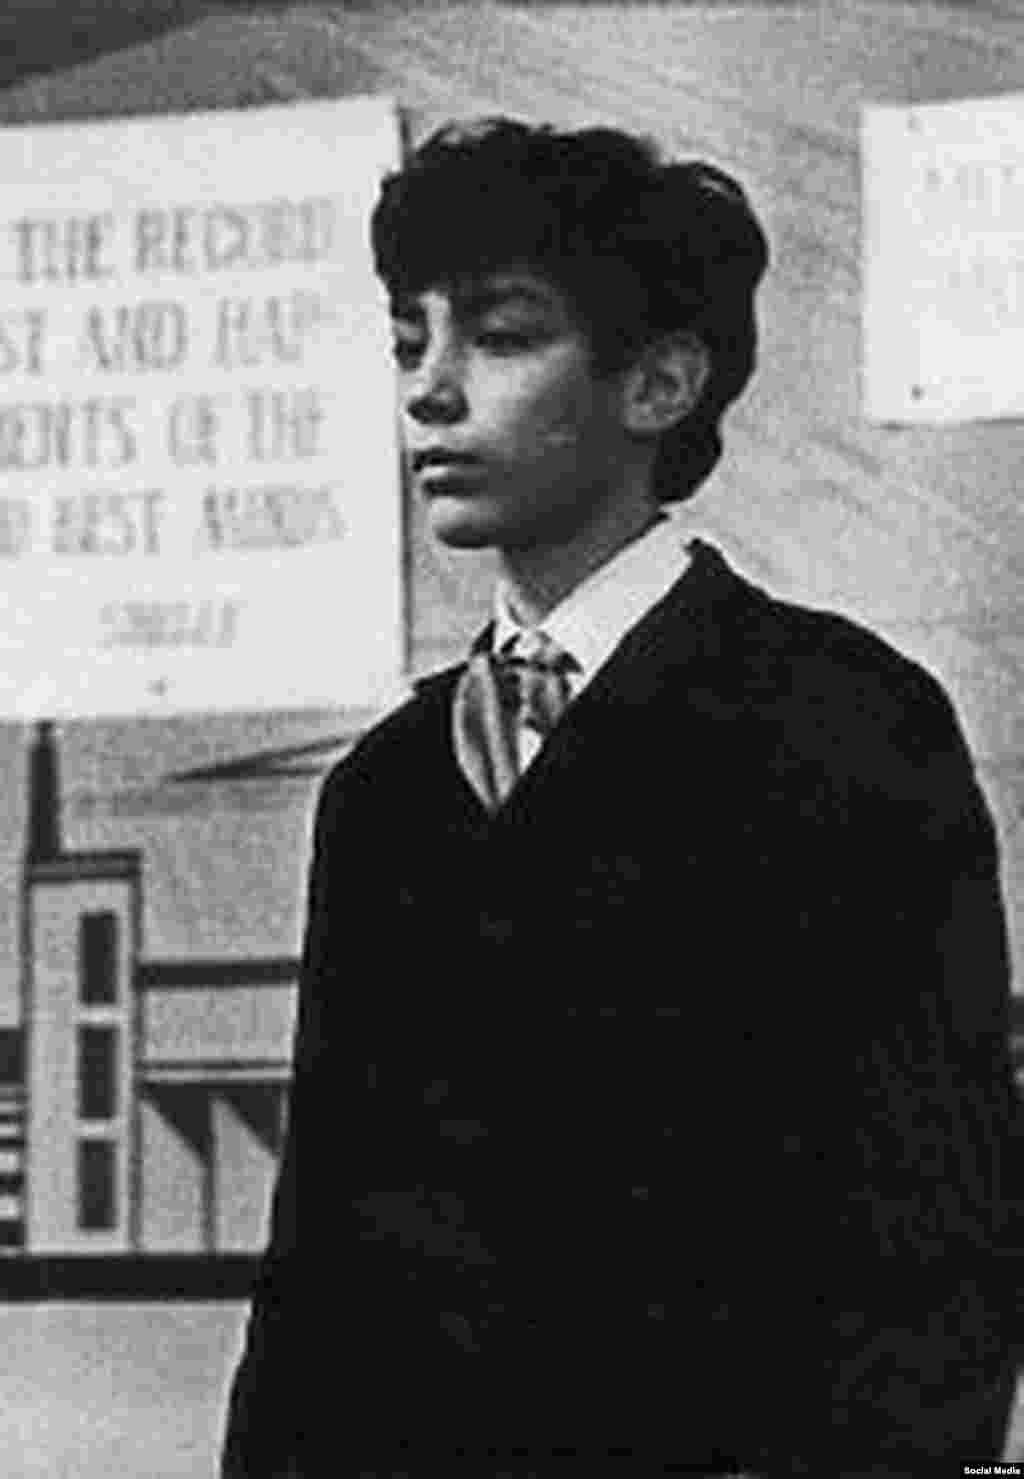 Борис Немцов окончил радио-физический факультет Горьковского Государственного Университета имени Лобачевского в 1981 году